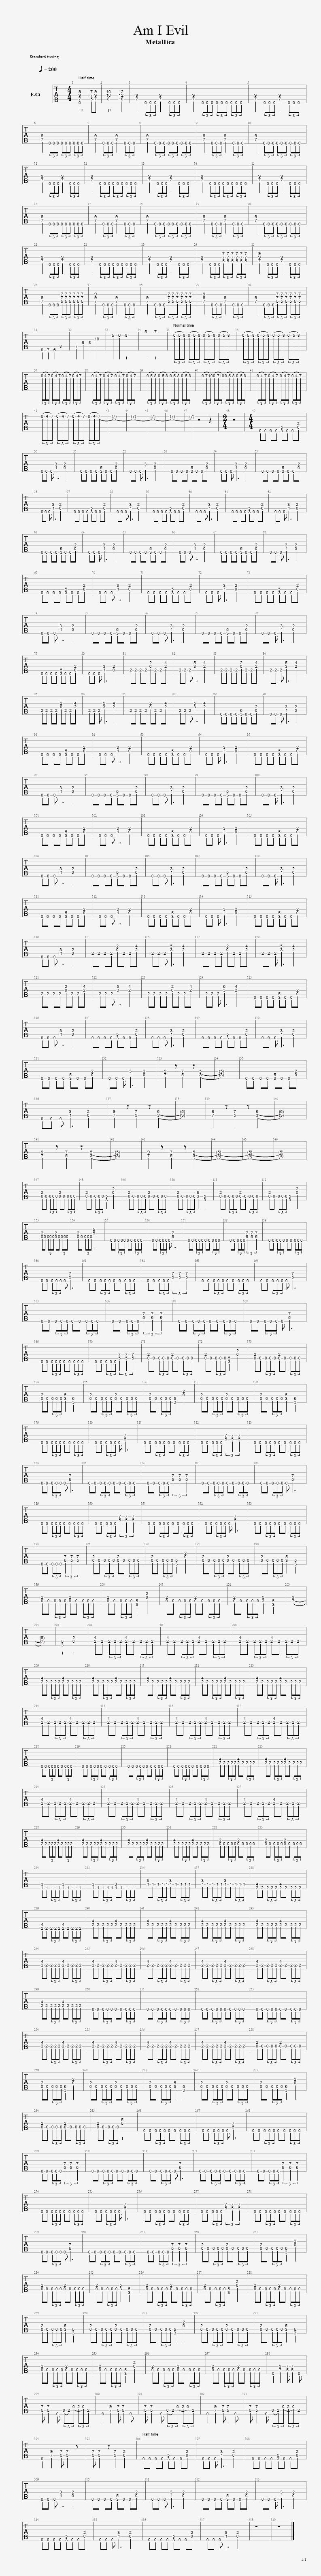 AM I EVIL Guitar Tab: GuitarNick.com